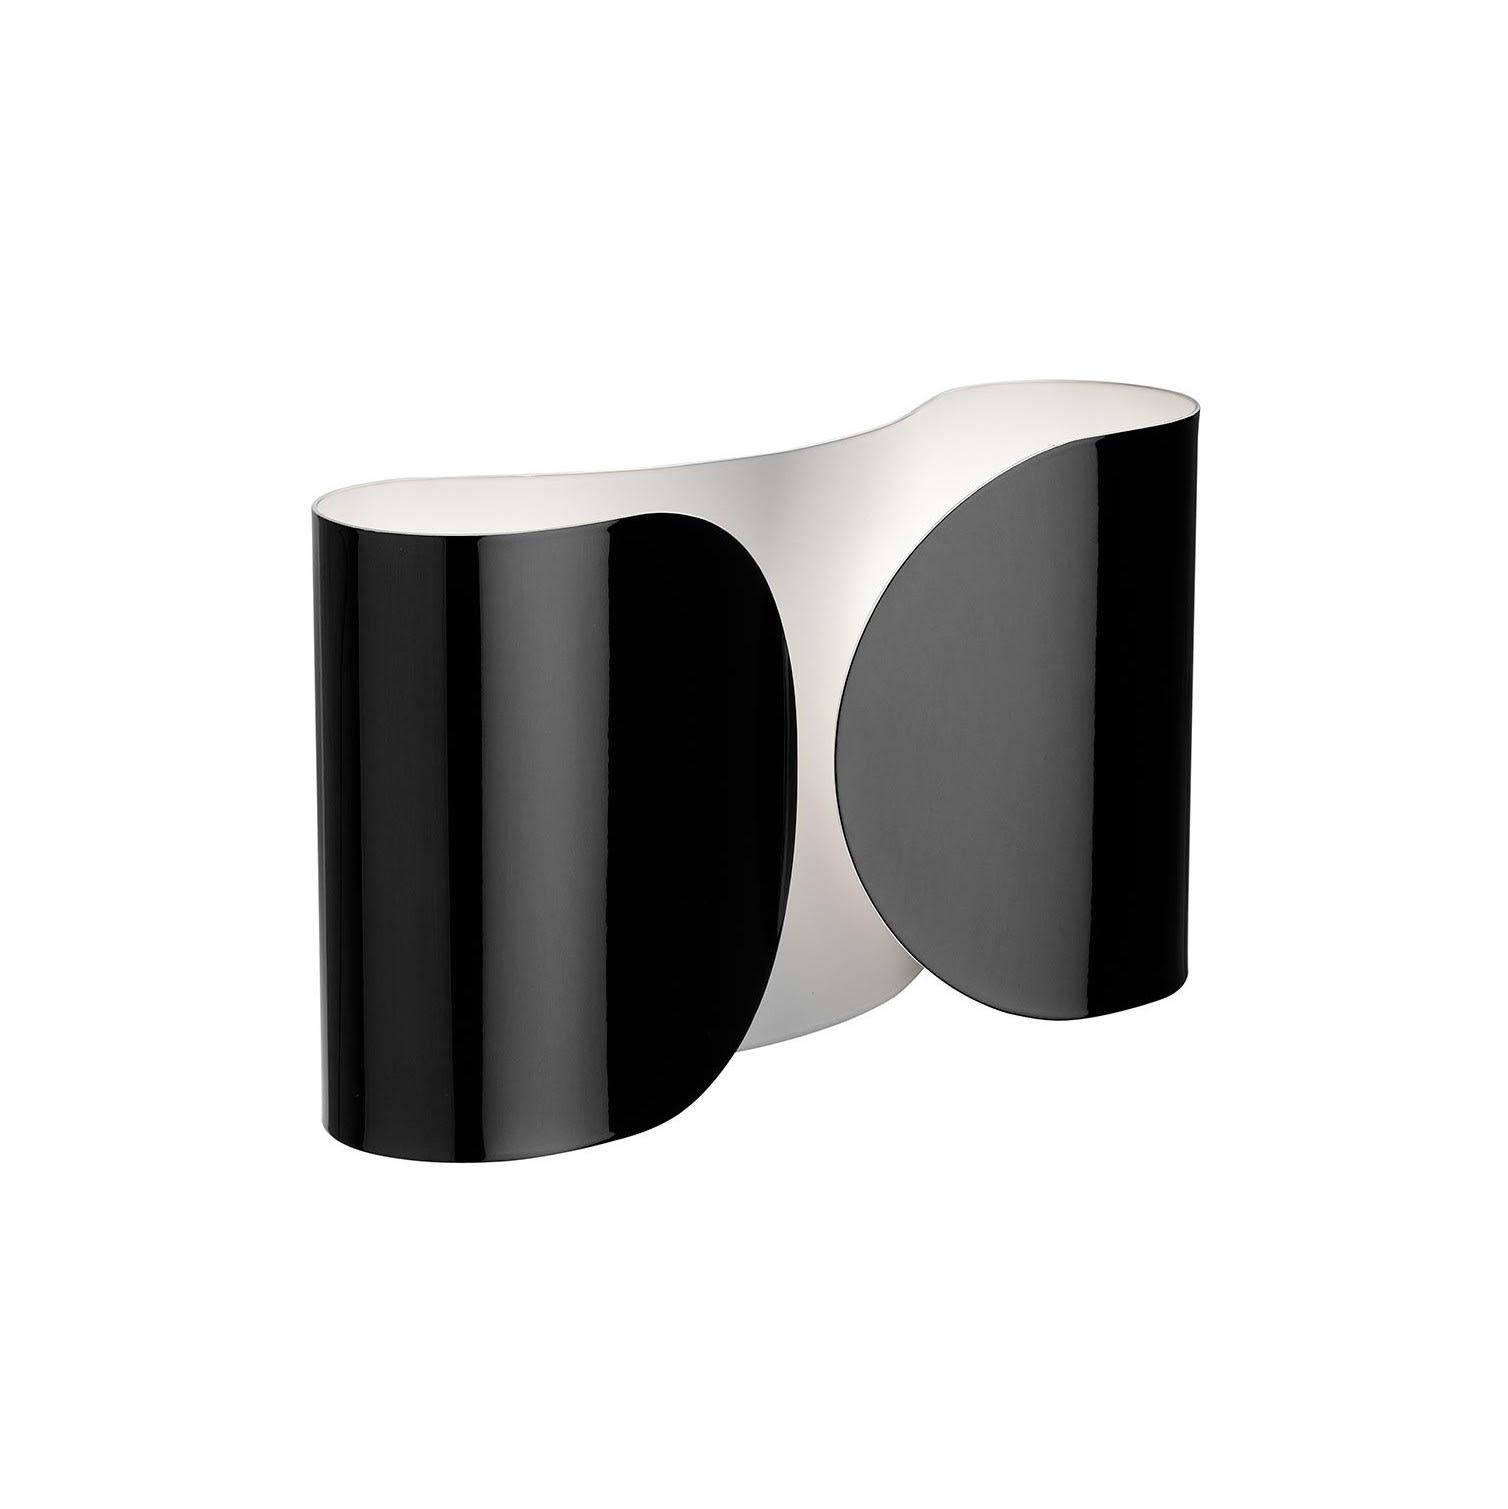 black nickel - +$288.45